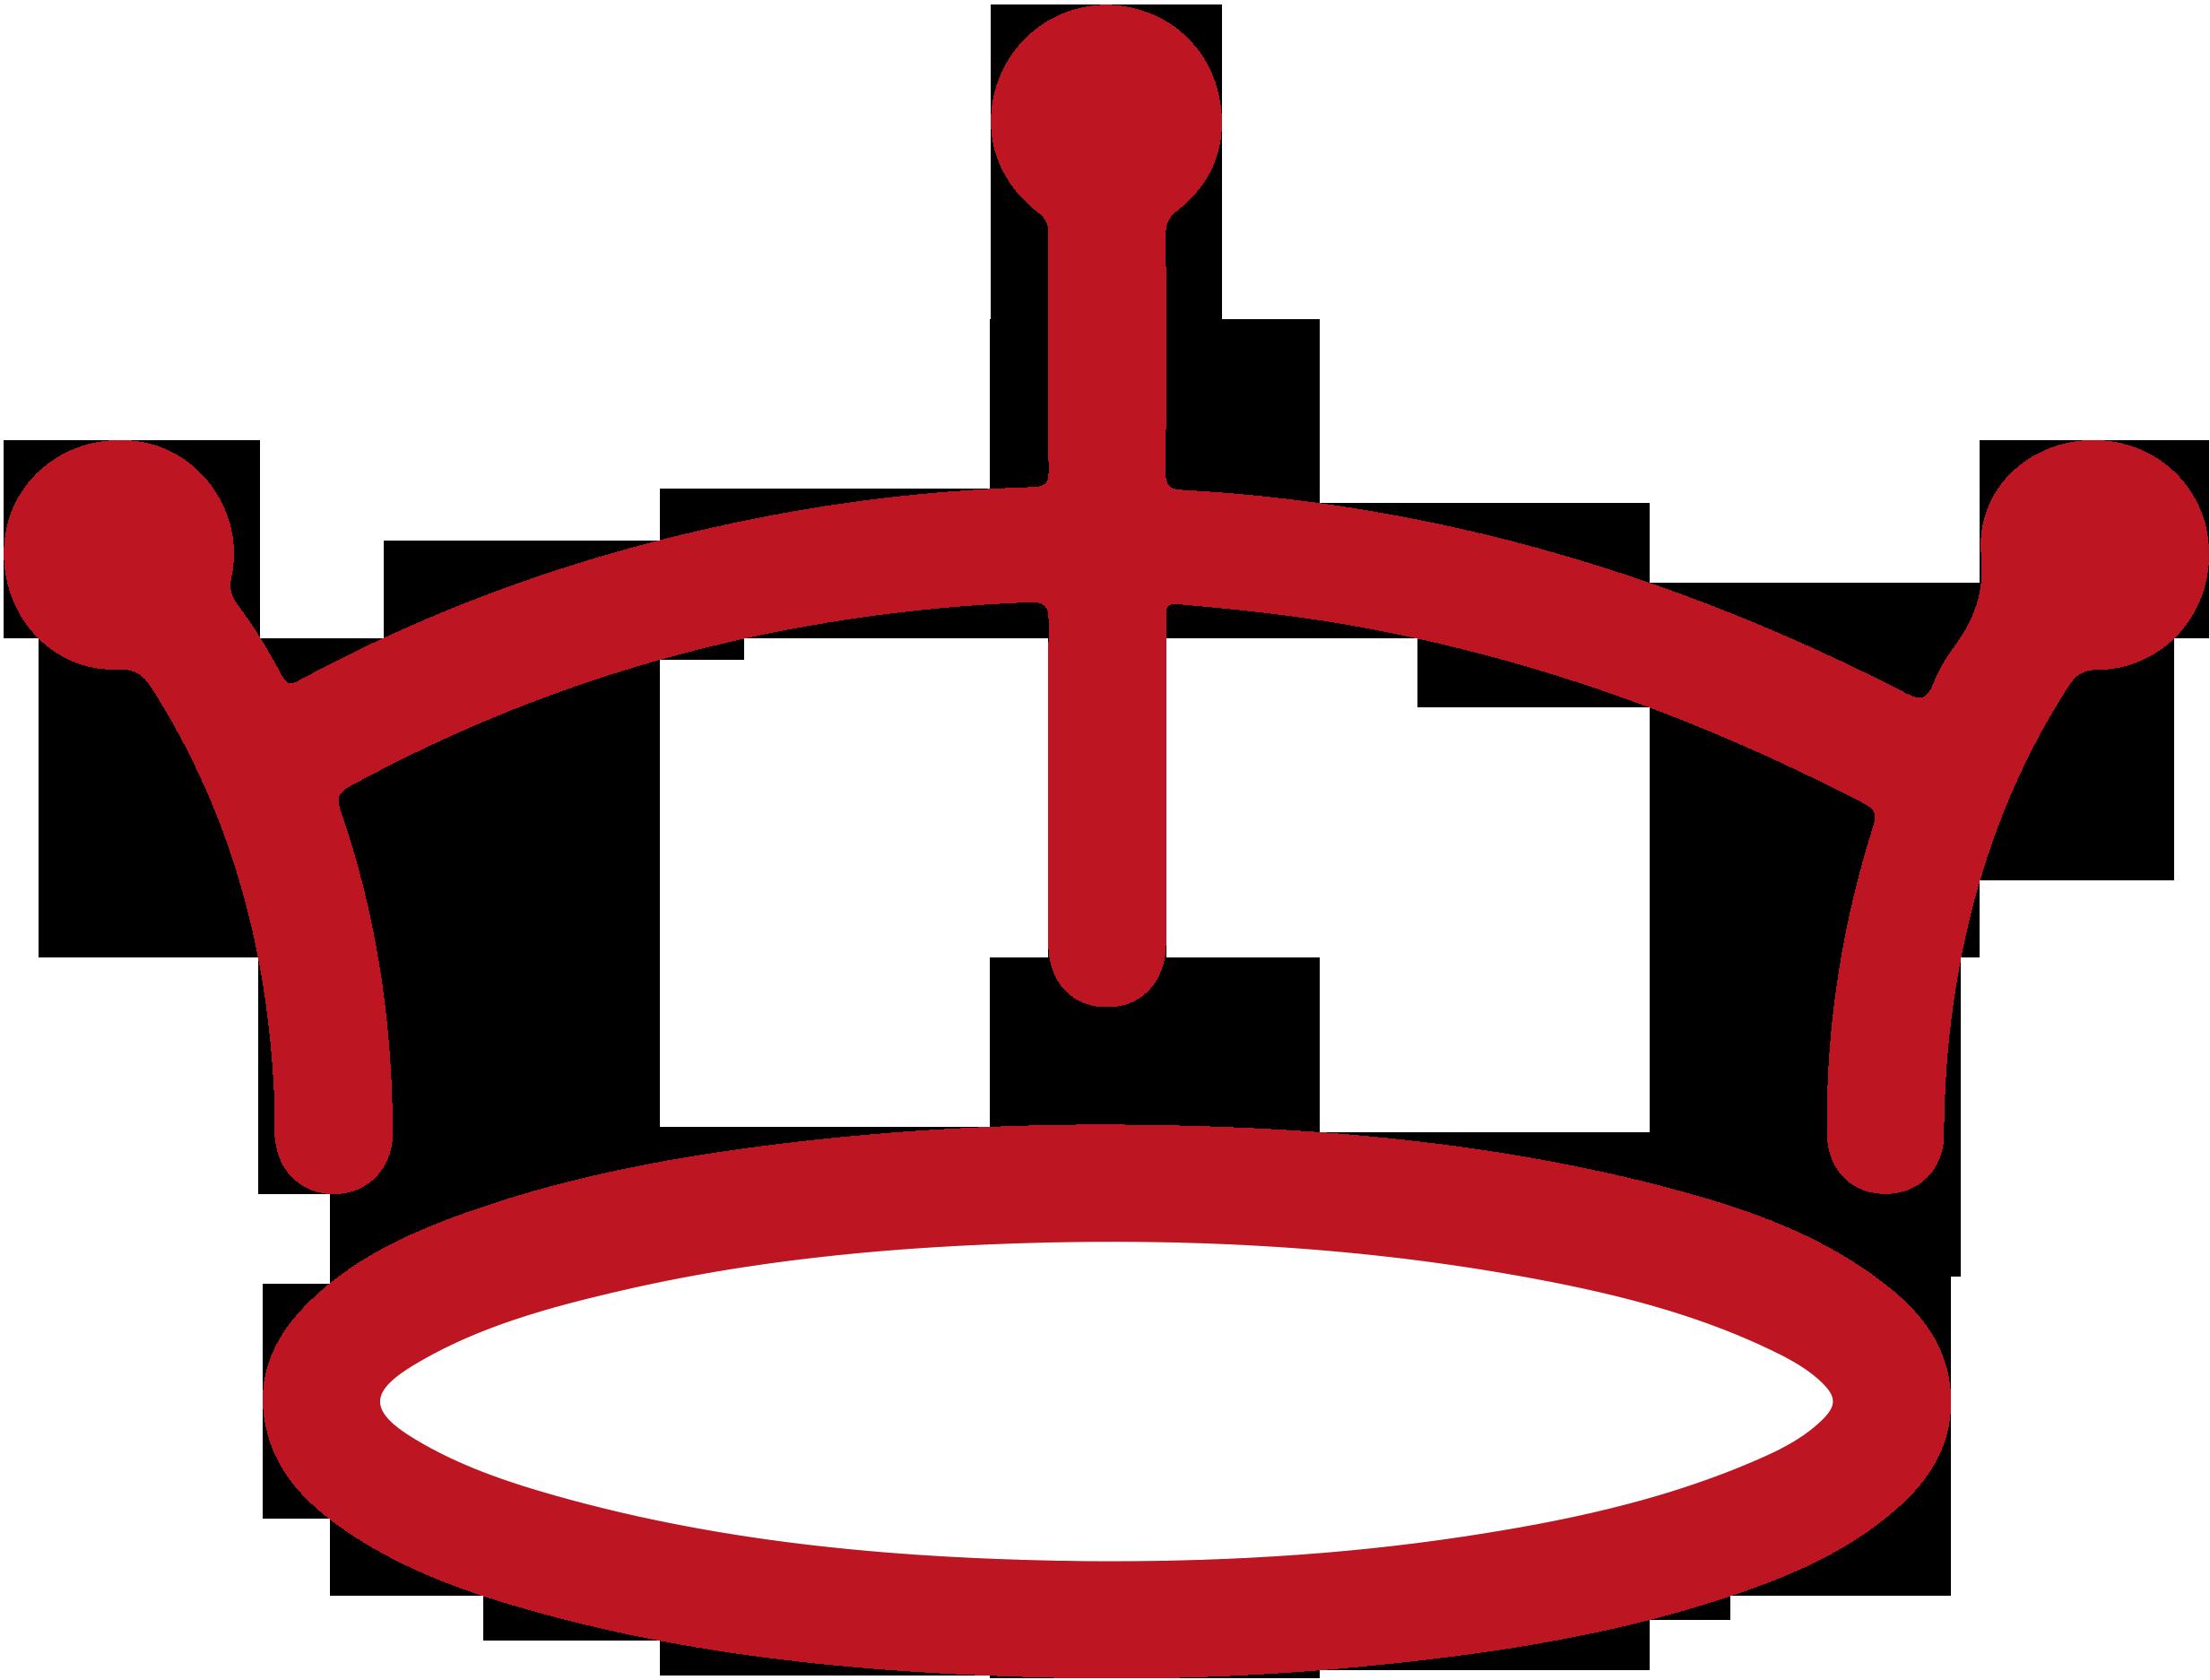 Ah_logo_-_red_crown